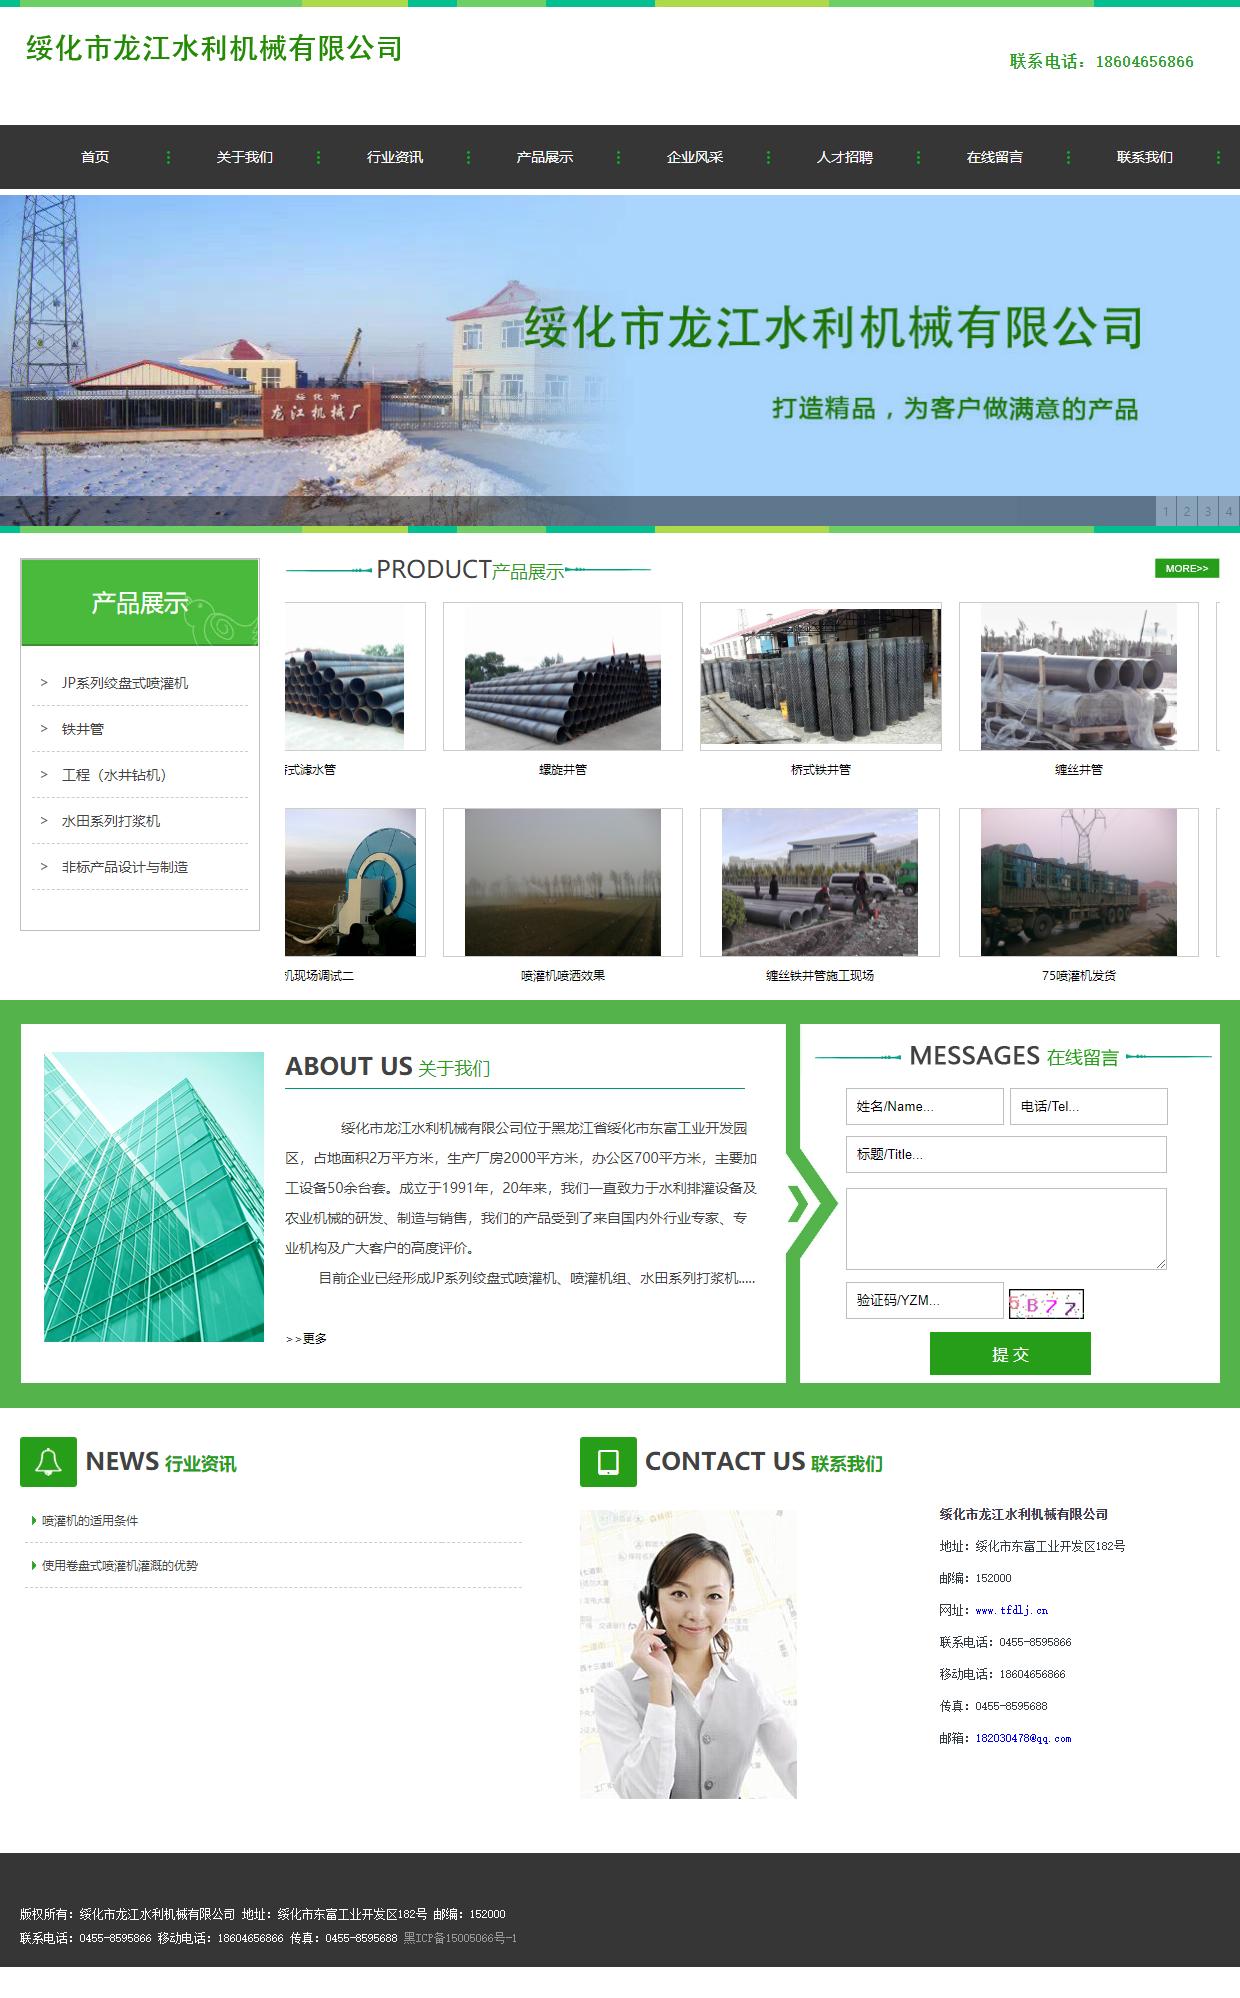 绥化市龙江水利机械有限公司网站案例